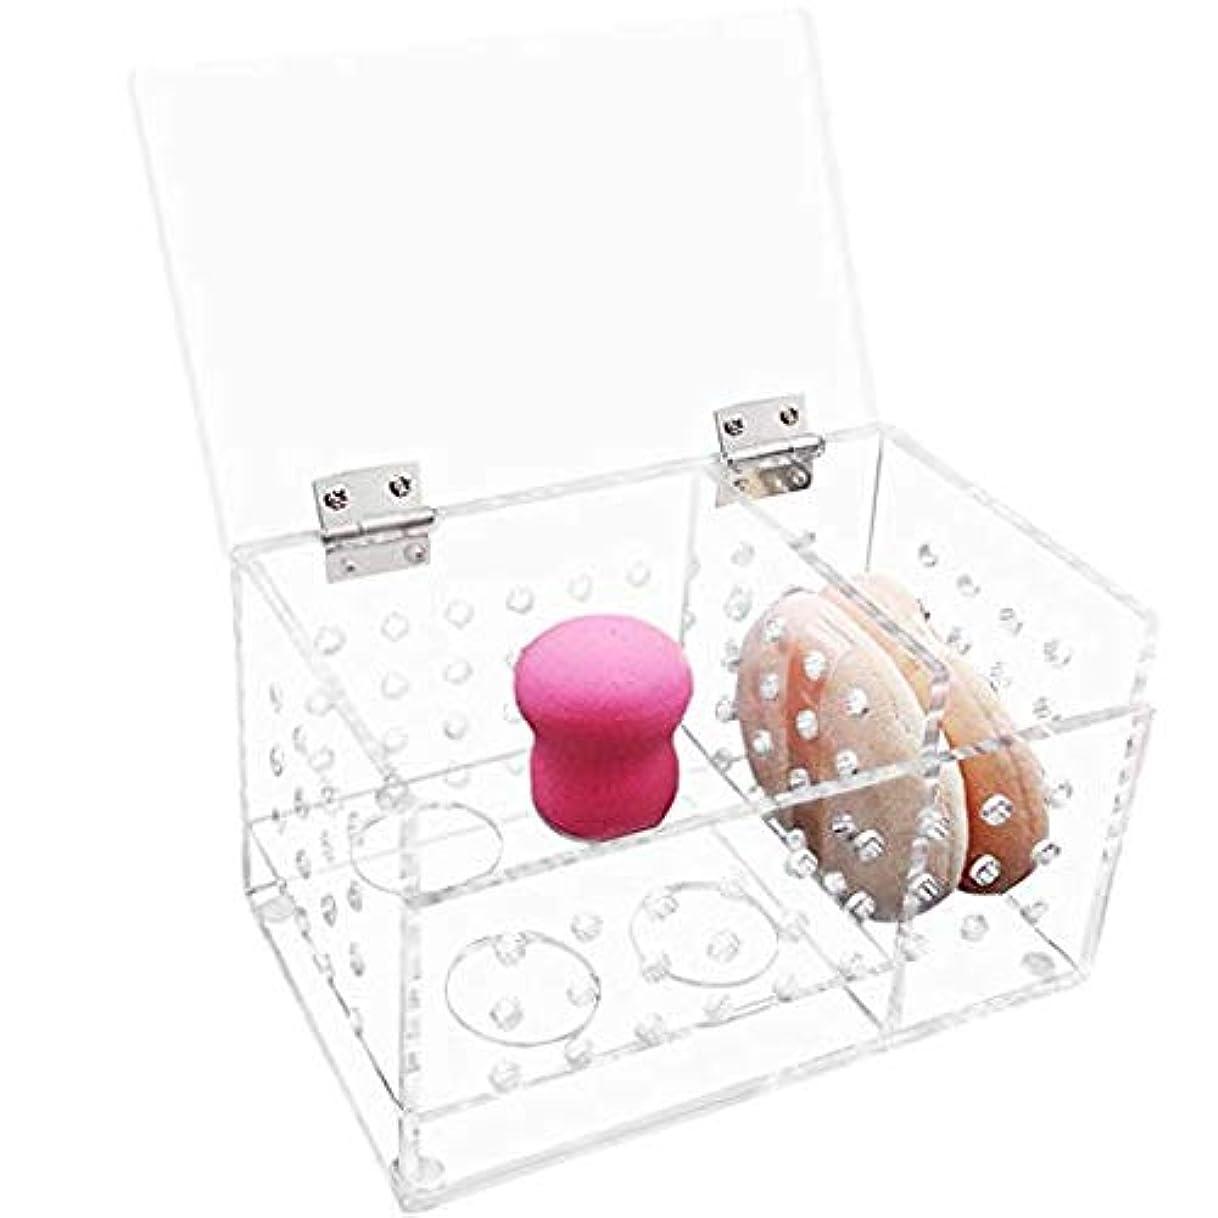 反毒セットアップバスタブチヤミ メークボックス 化粧品収納ボックス コスメスタンド メイクスポンジ収納ボックス パフ収納 L